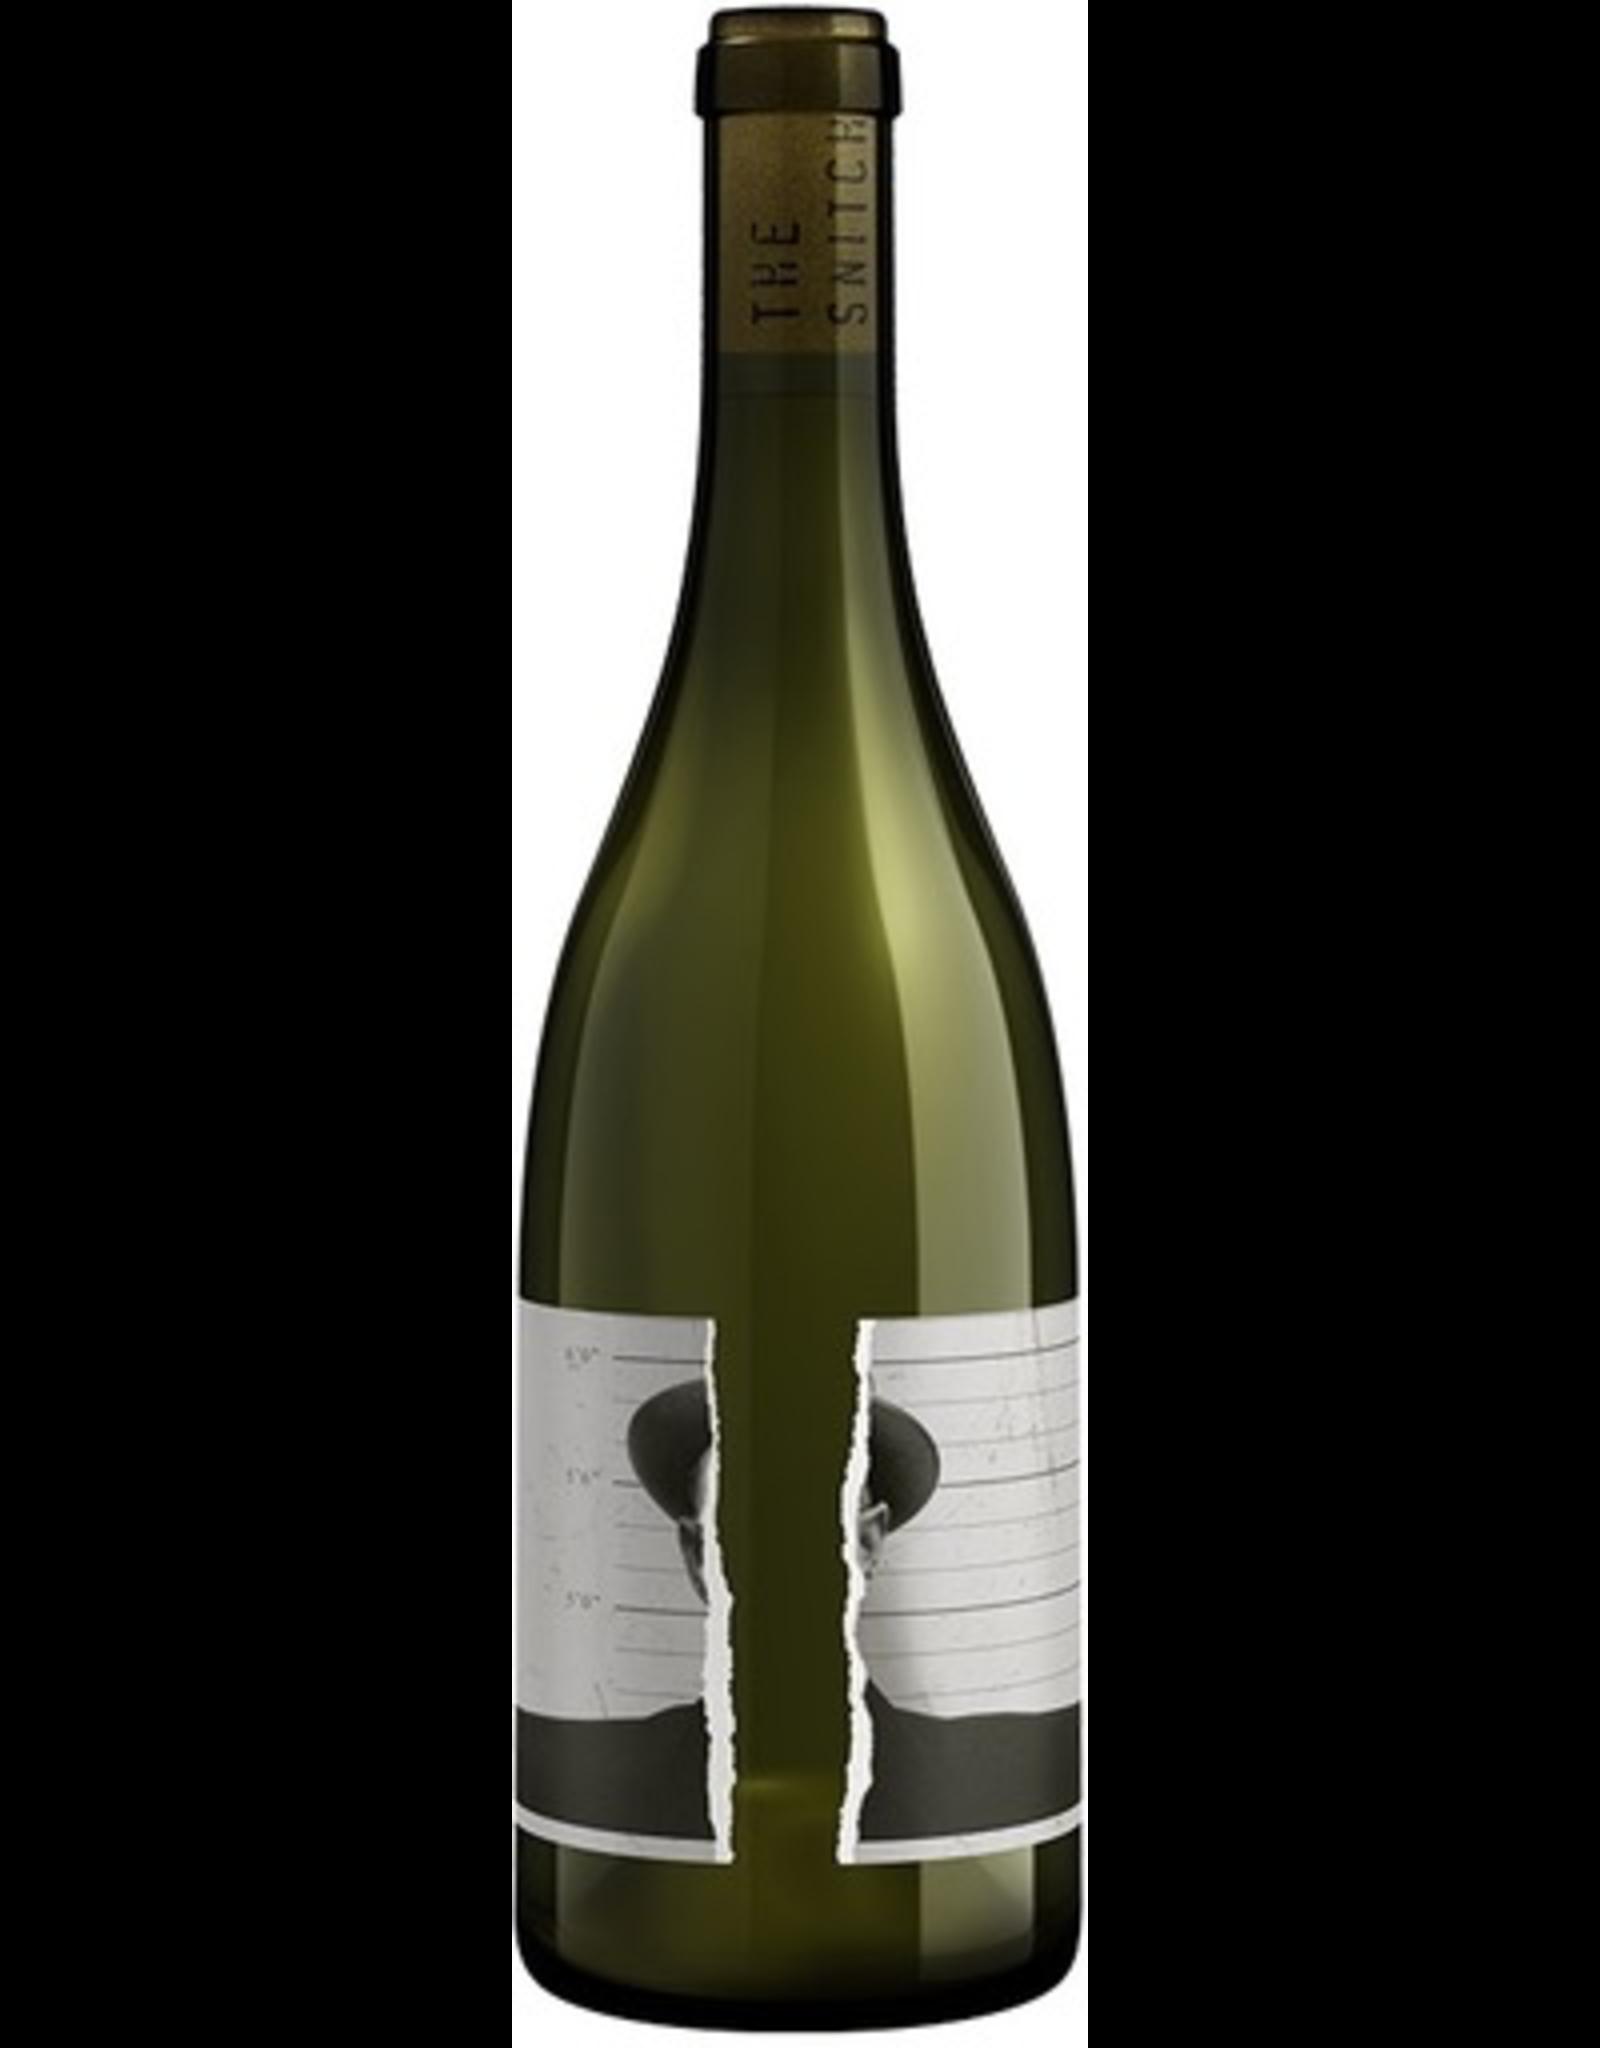 White Wine 2018, Prisoner Wine Company THE SNITCH, Chardonnay, Oak Knoll and Carneros, Napa, California, 14.5% Alc, CT90